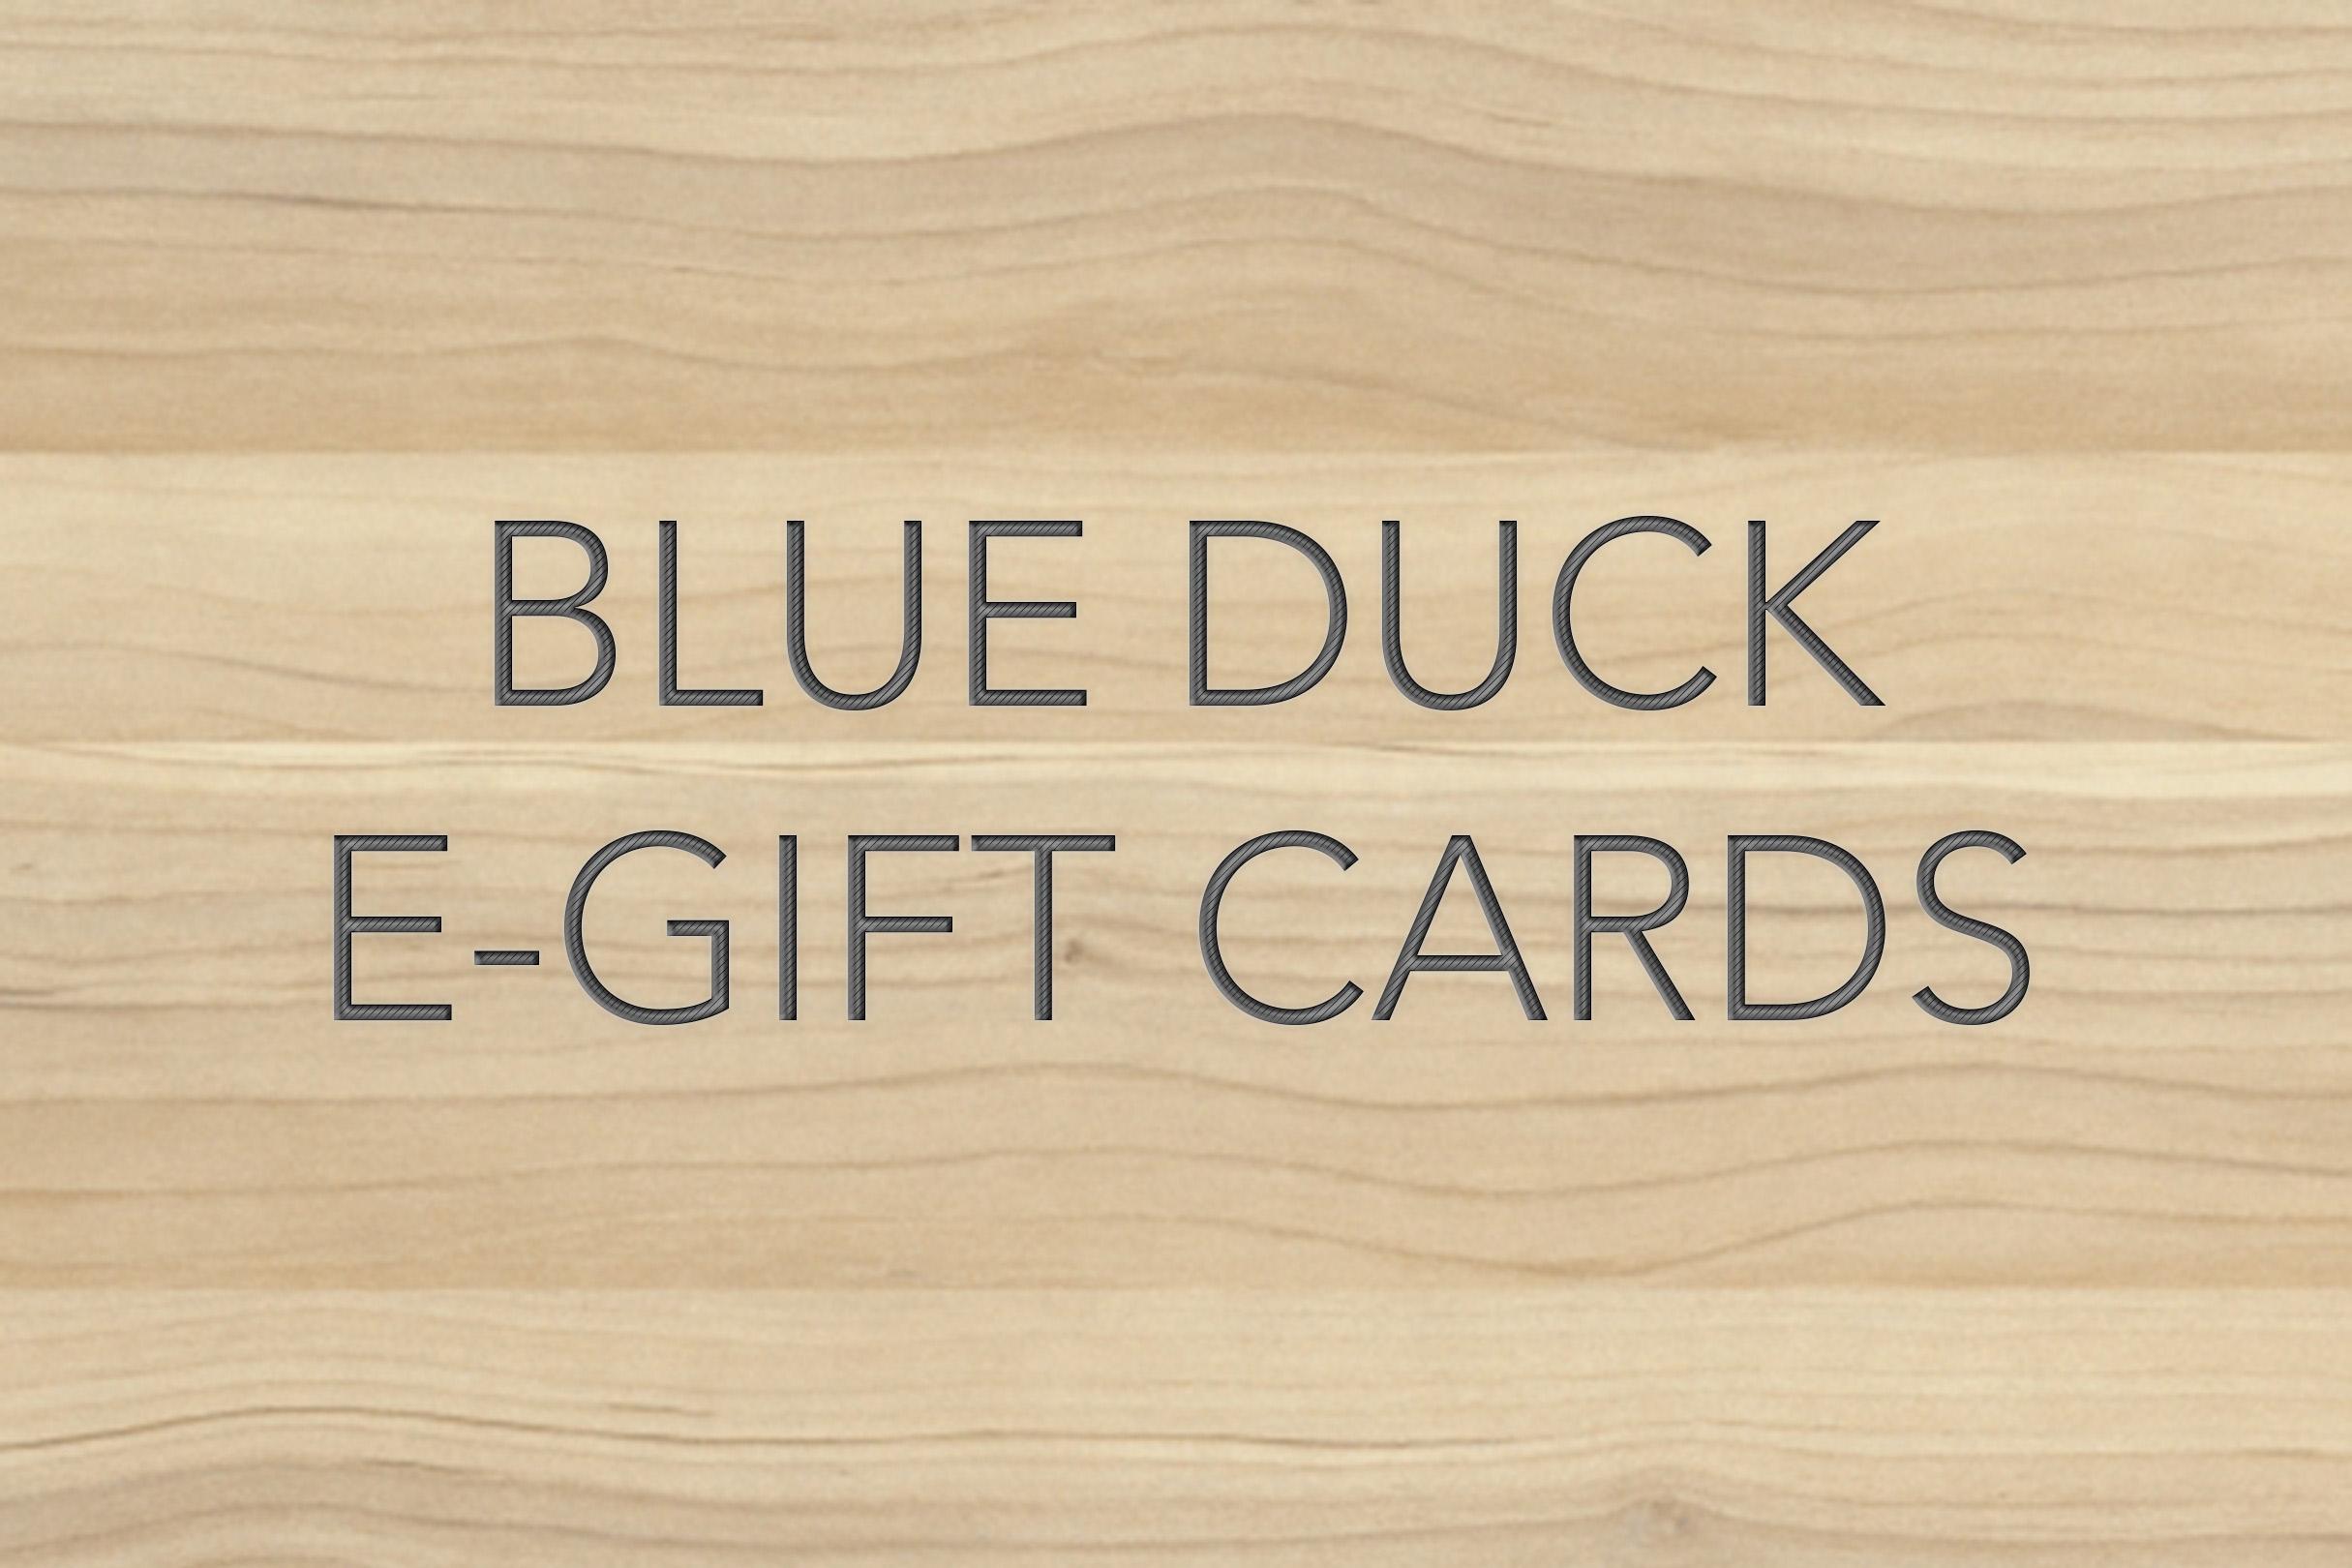 EGIFT CARDS.jpg